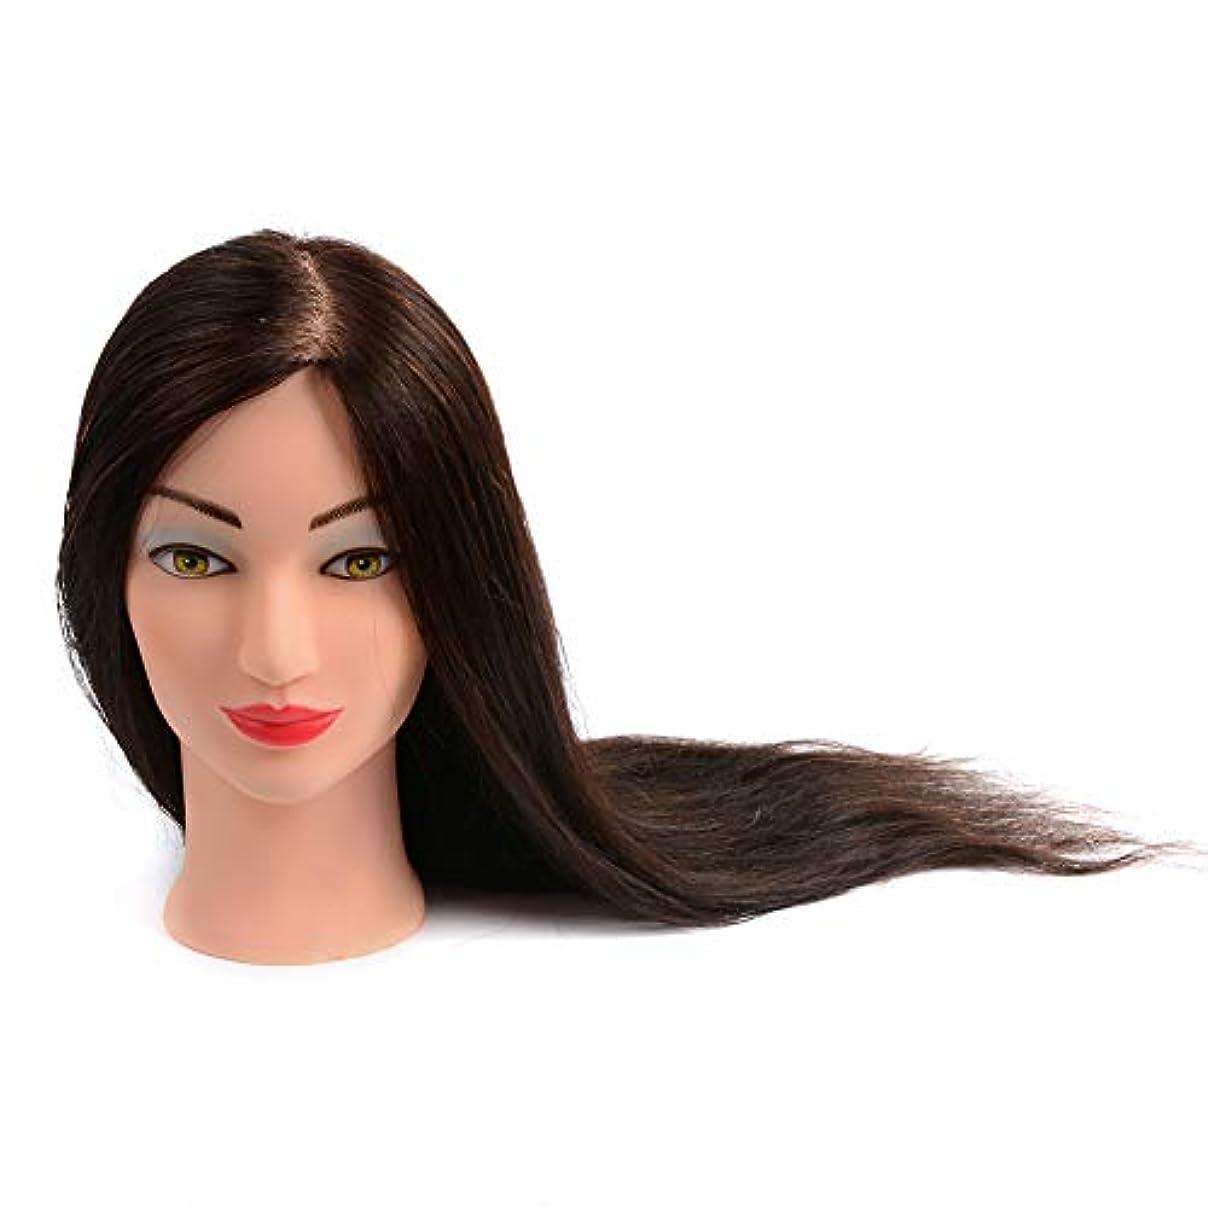 より良い無許可転倒サロン散髪学習ダミーヘッドブライダルメイクスタイリングプラクティスモデルの髪を染めることができ、漂白ティーチングヘッド